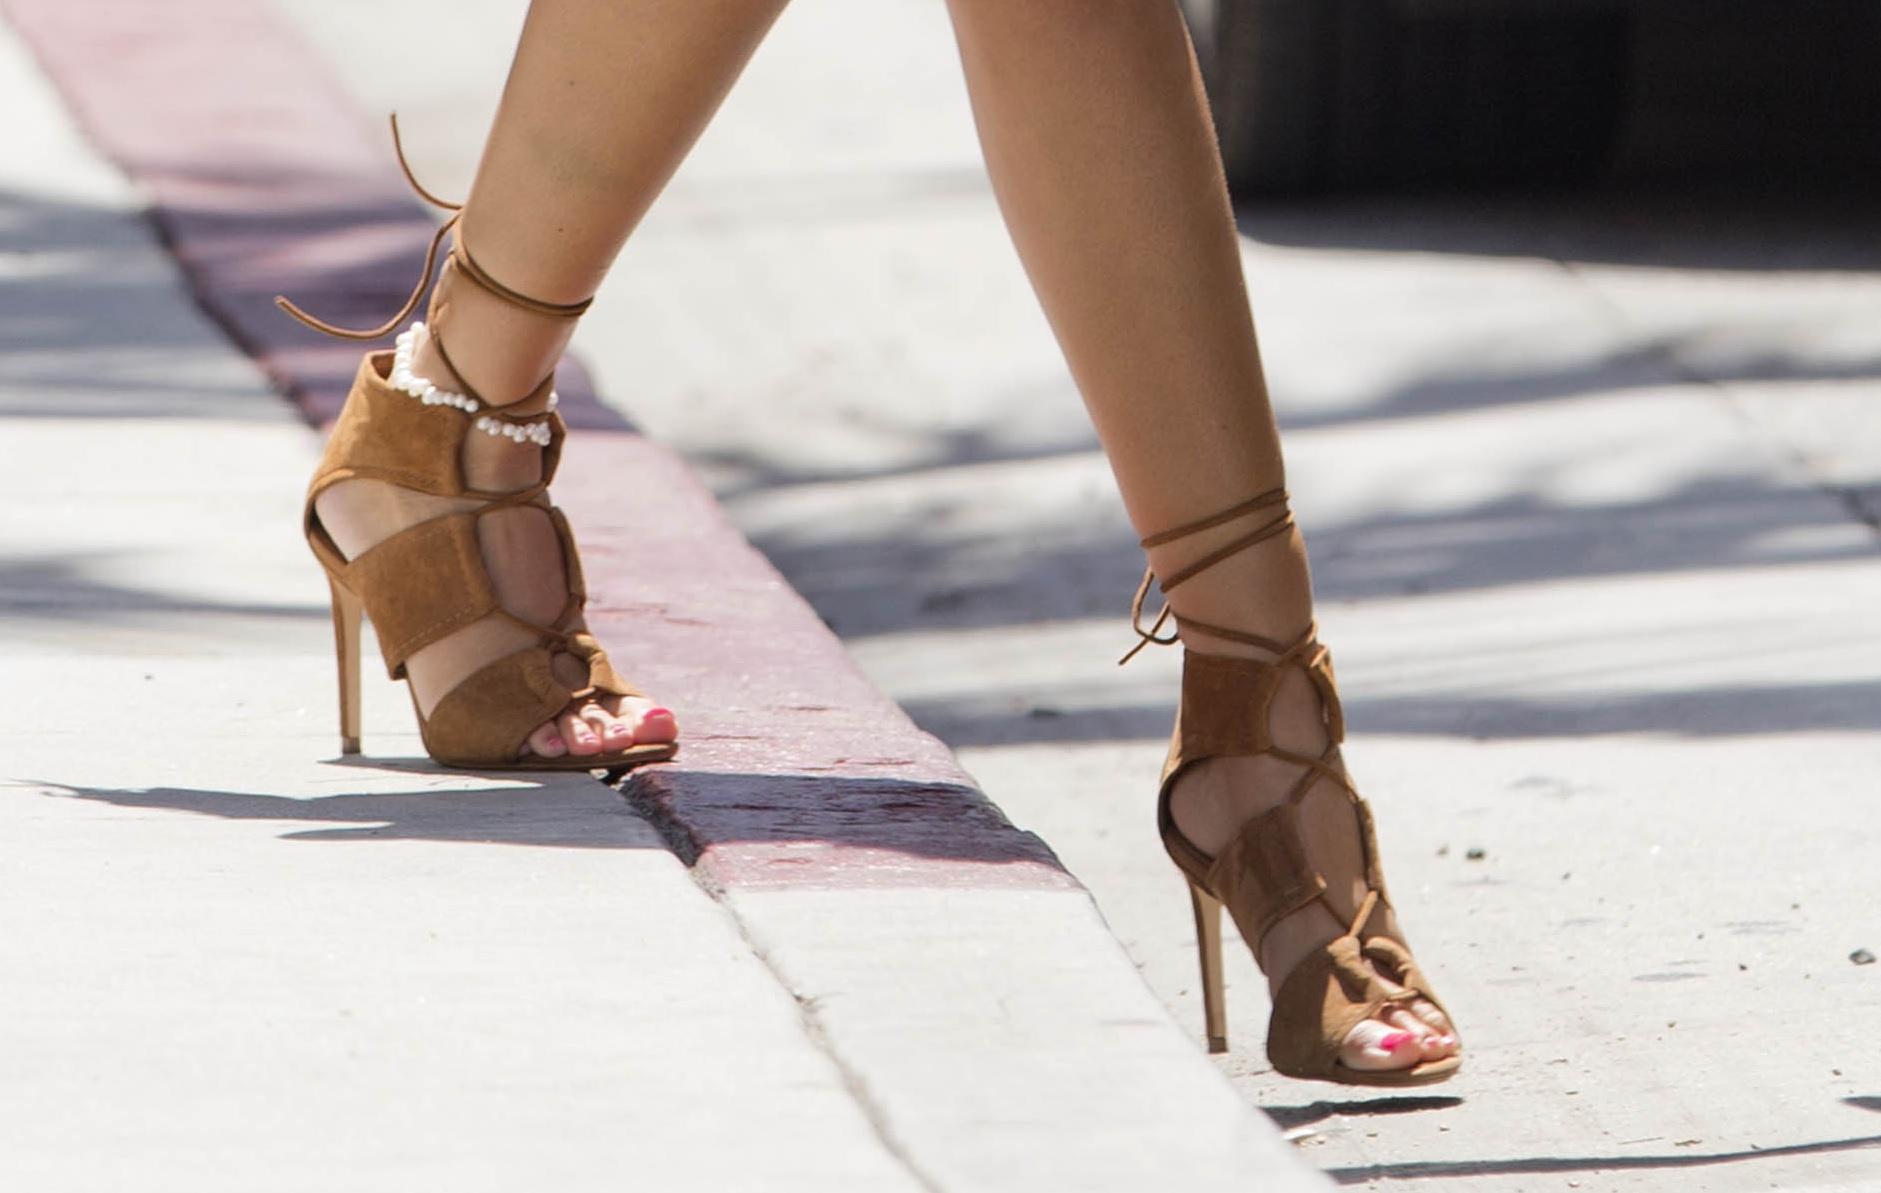 Cheap Gold High Heels For Women  Is Heel - Part 995